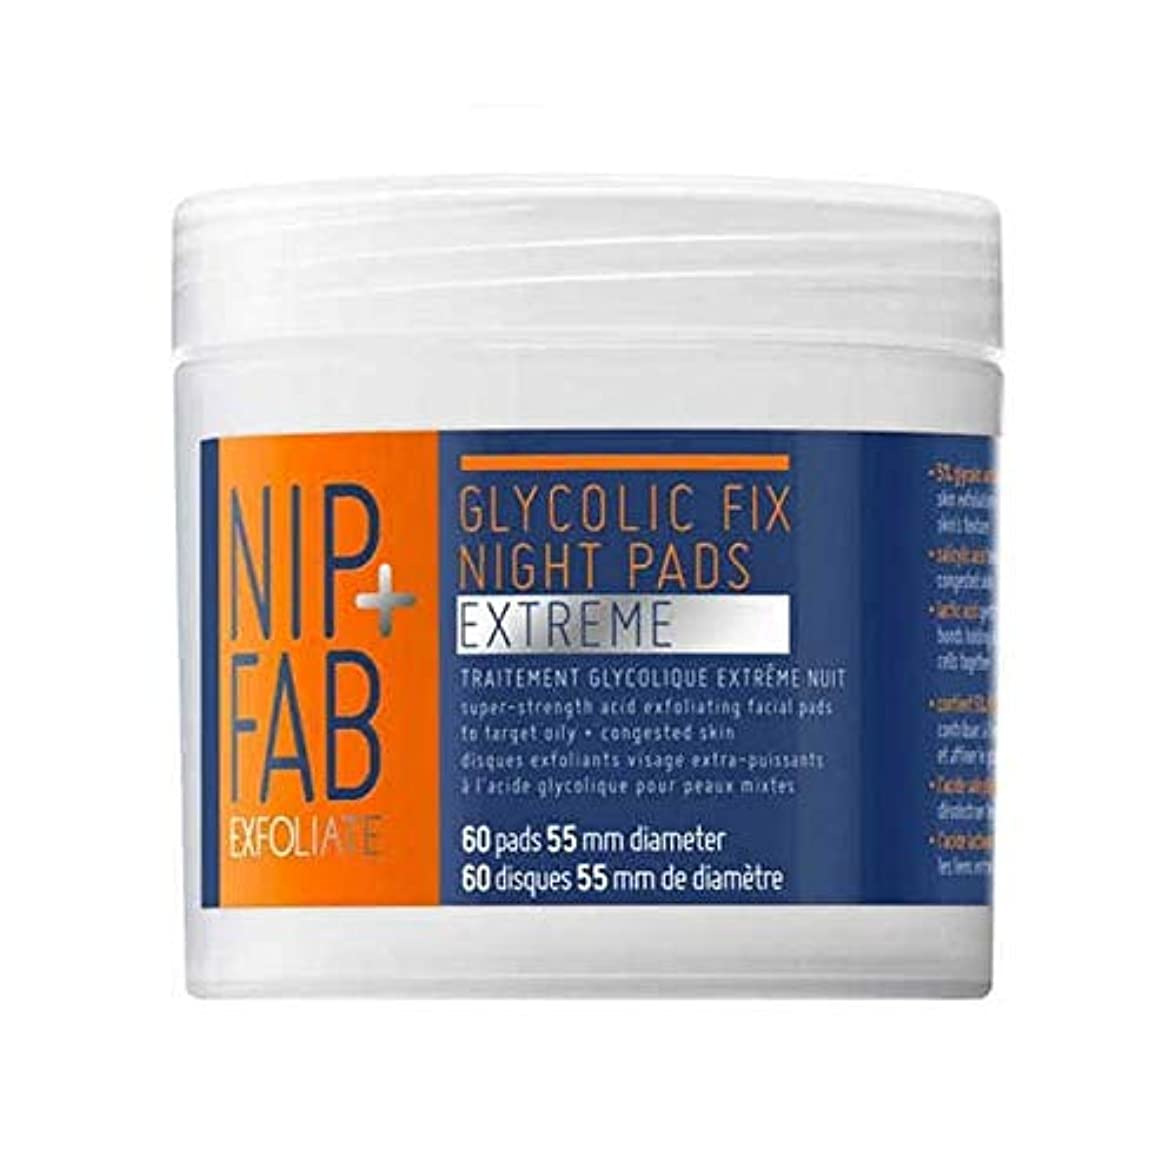 適合闇暖かく[Nip & Fab] + Fabグリコール修正極端パッド80ミリリットルニップ - Nip+Fab Glycolic Fix Extreme pads 80ml [並行輸入品]